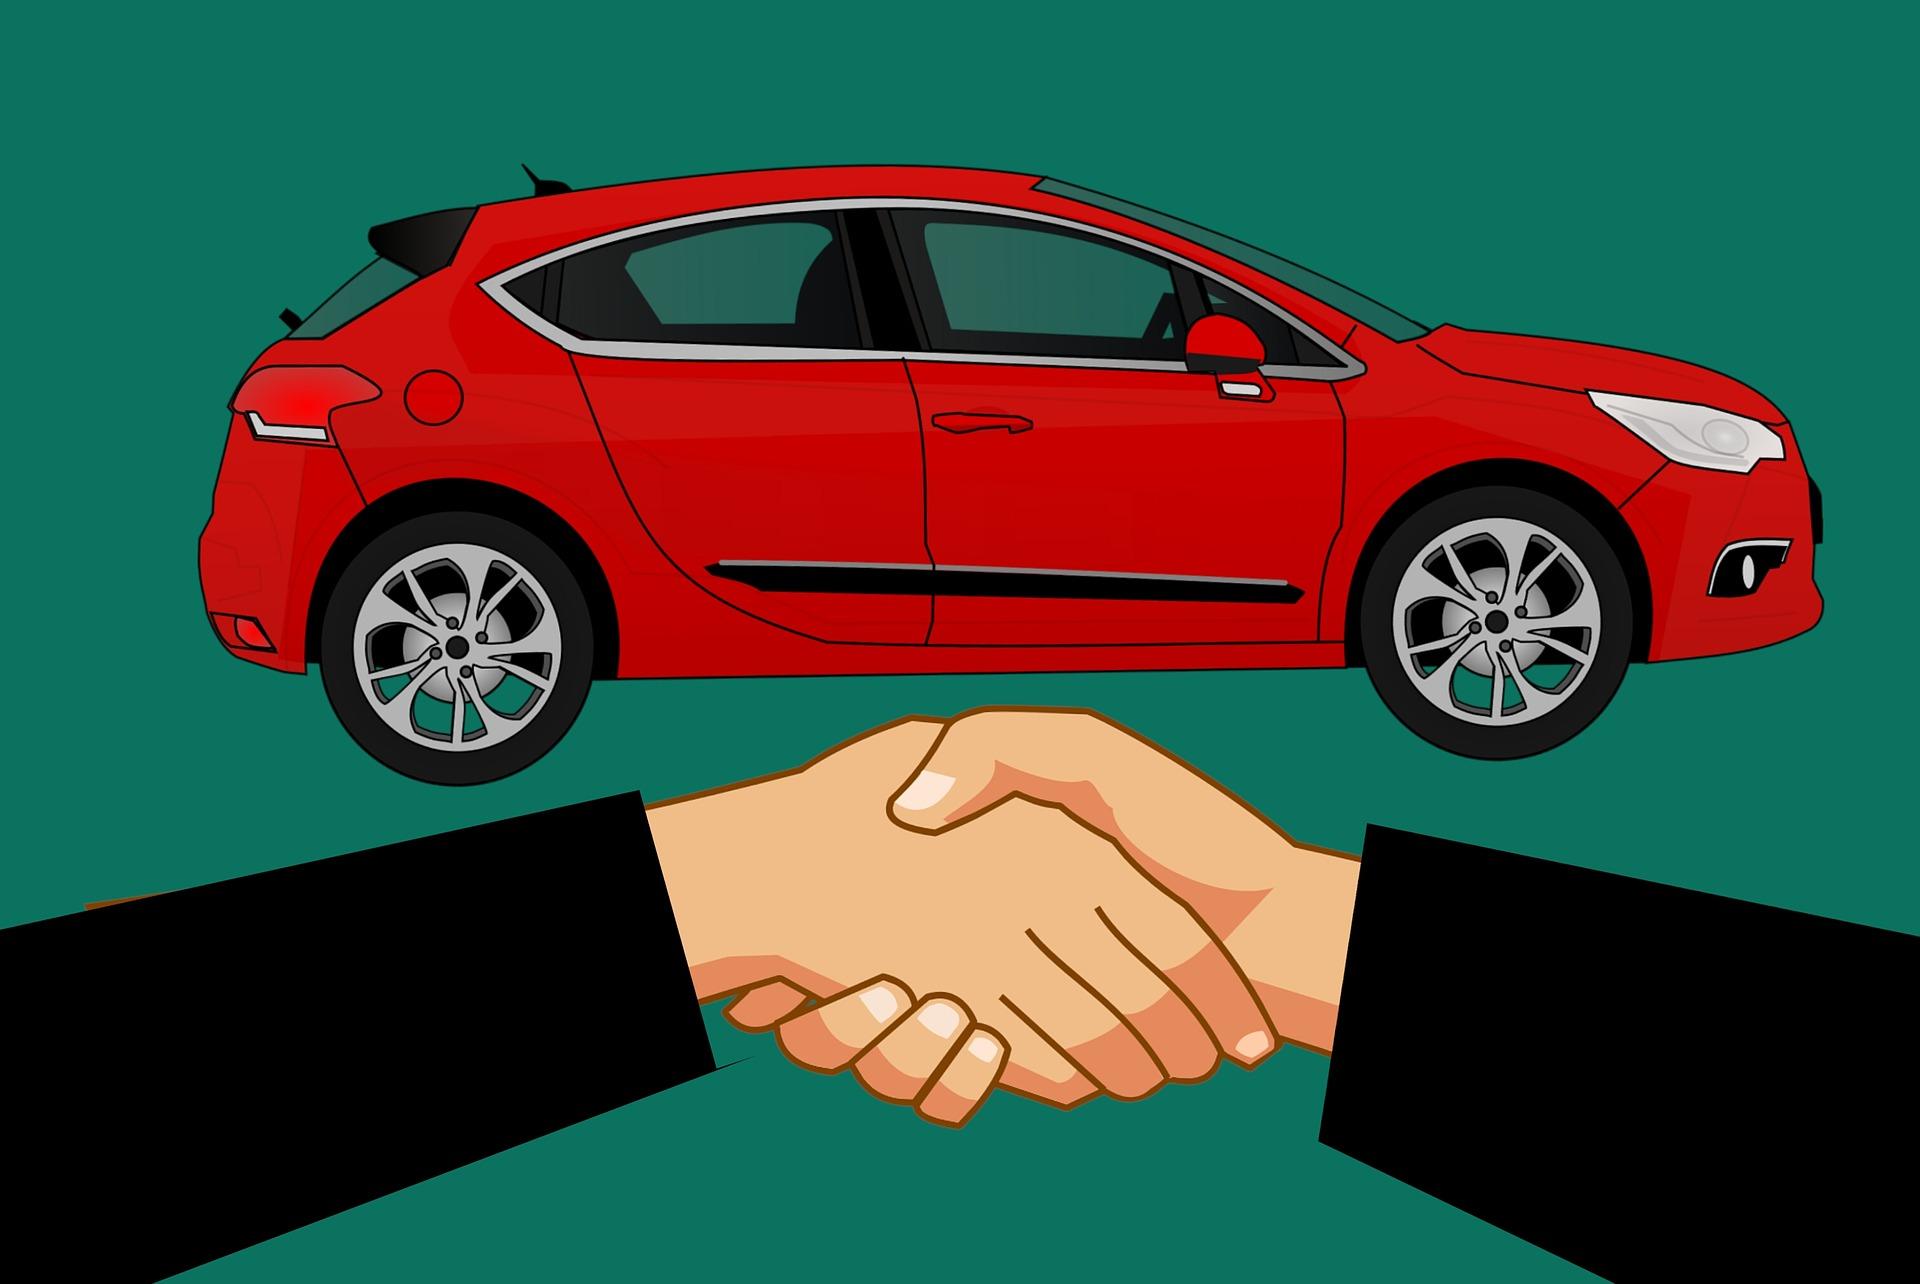 Požičanie auta Bratislava ponúka bohatý výber vozidiel